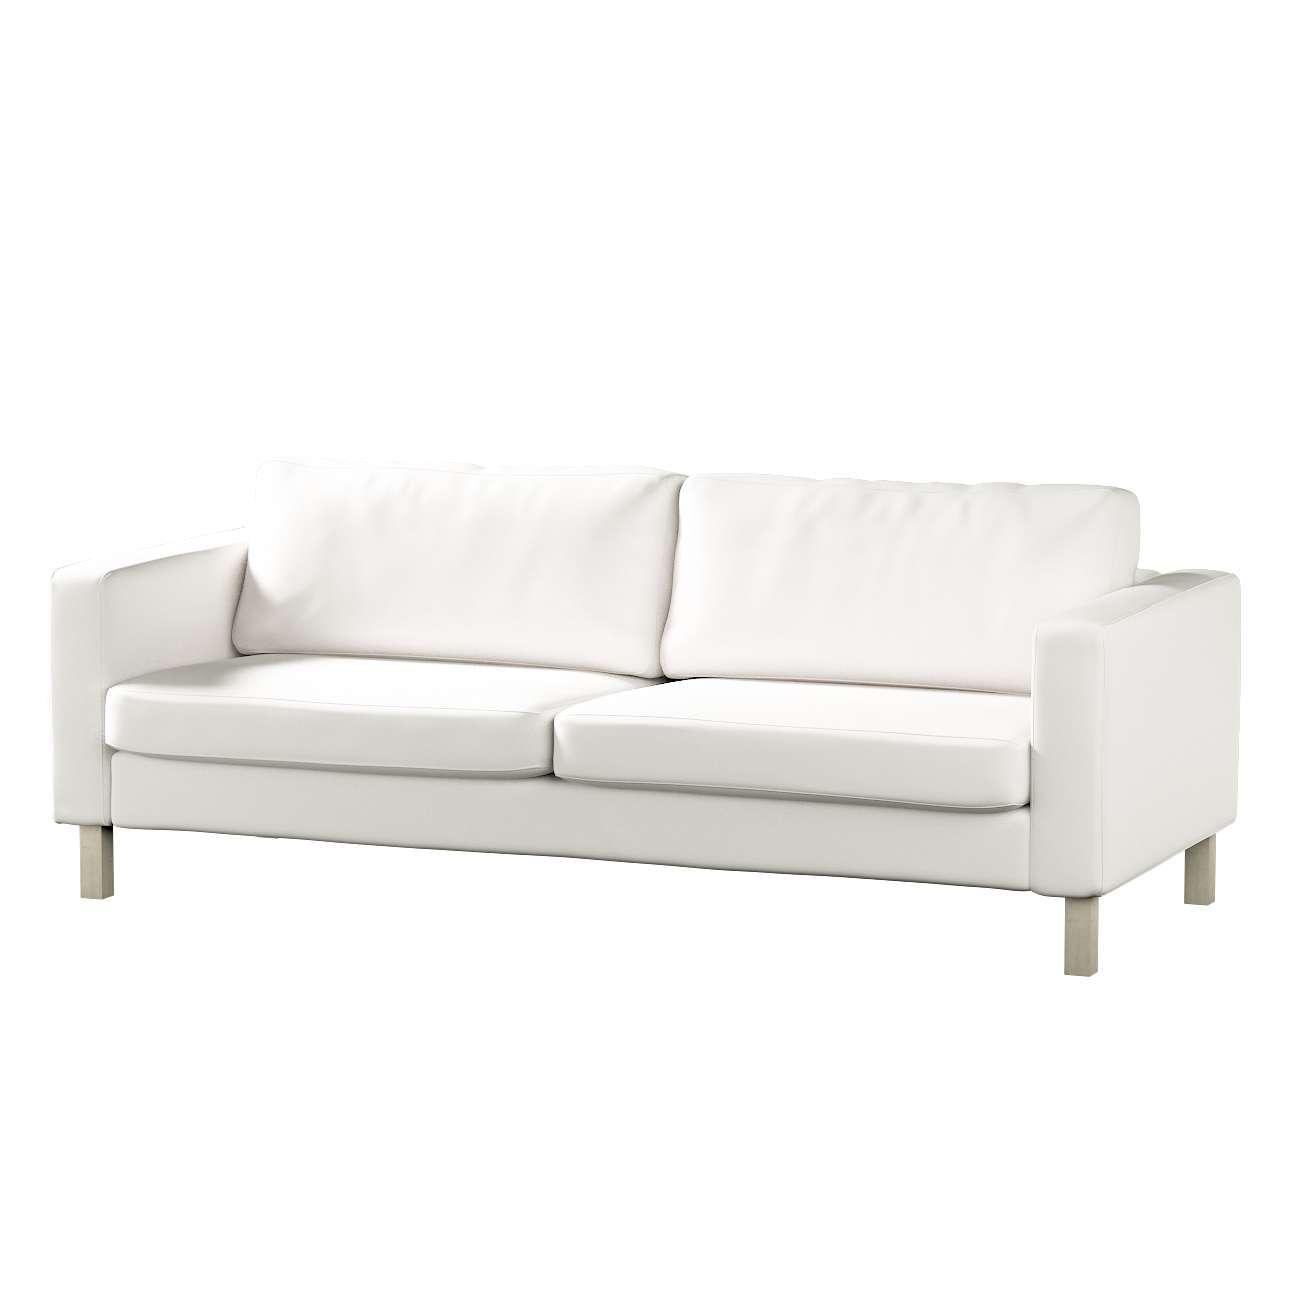 KARSLTAD trvivietės sofos užvalkalas Karlstad 3-vietės sofos užvalkalas (neišlankstomai sofai) kolekcijoje Cotton Panama, audinys: 702-34